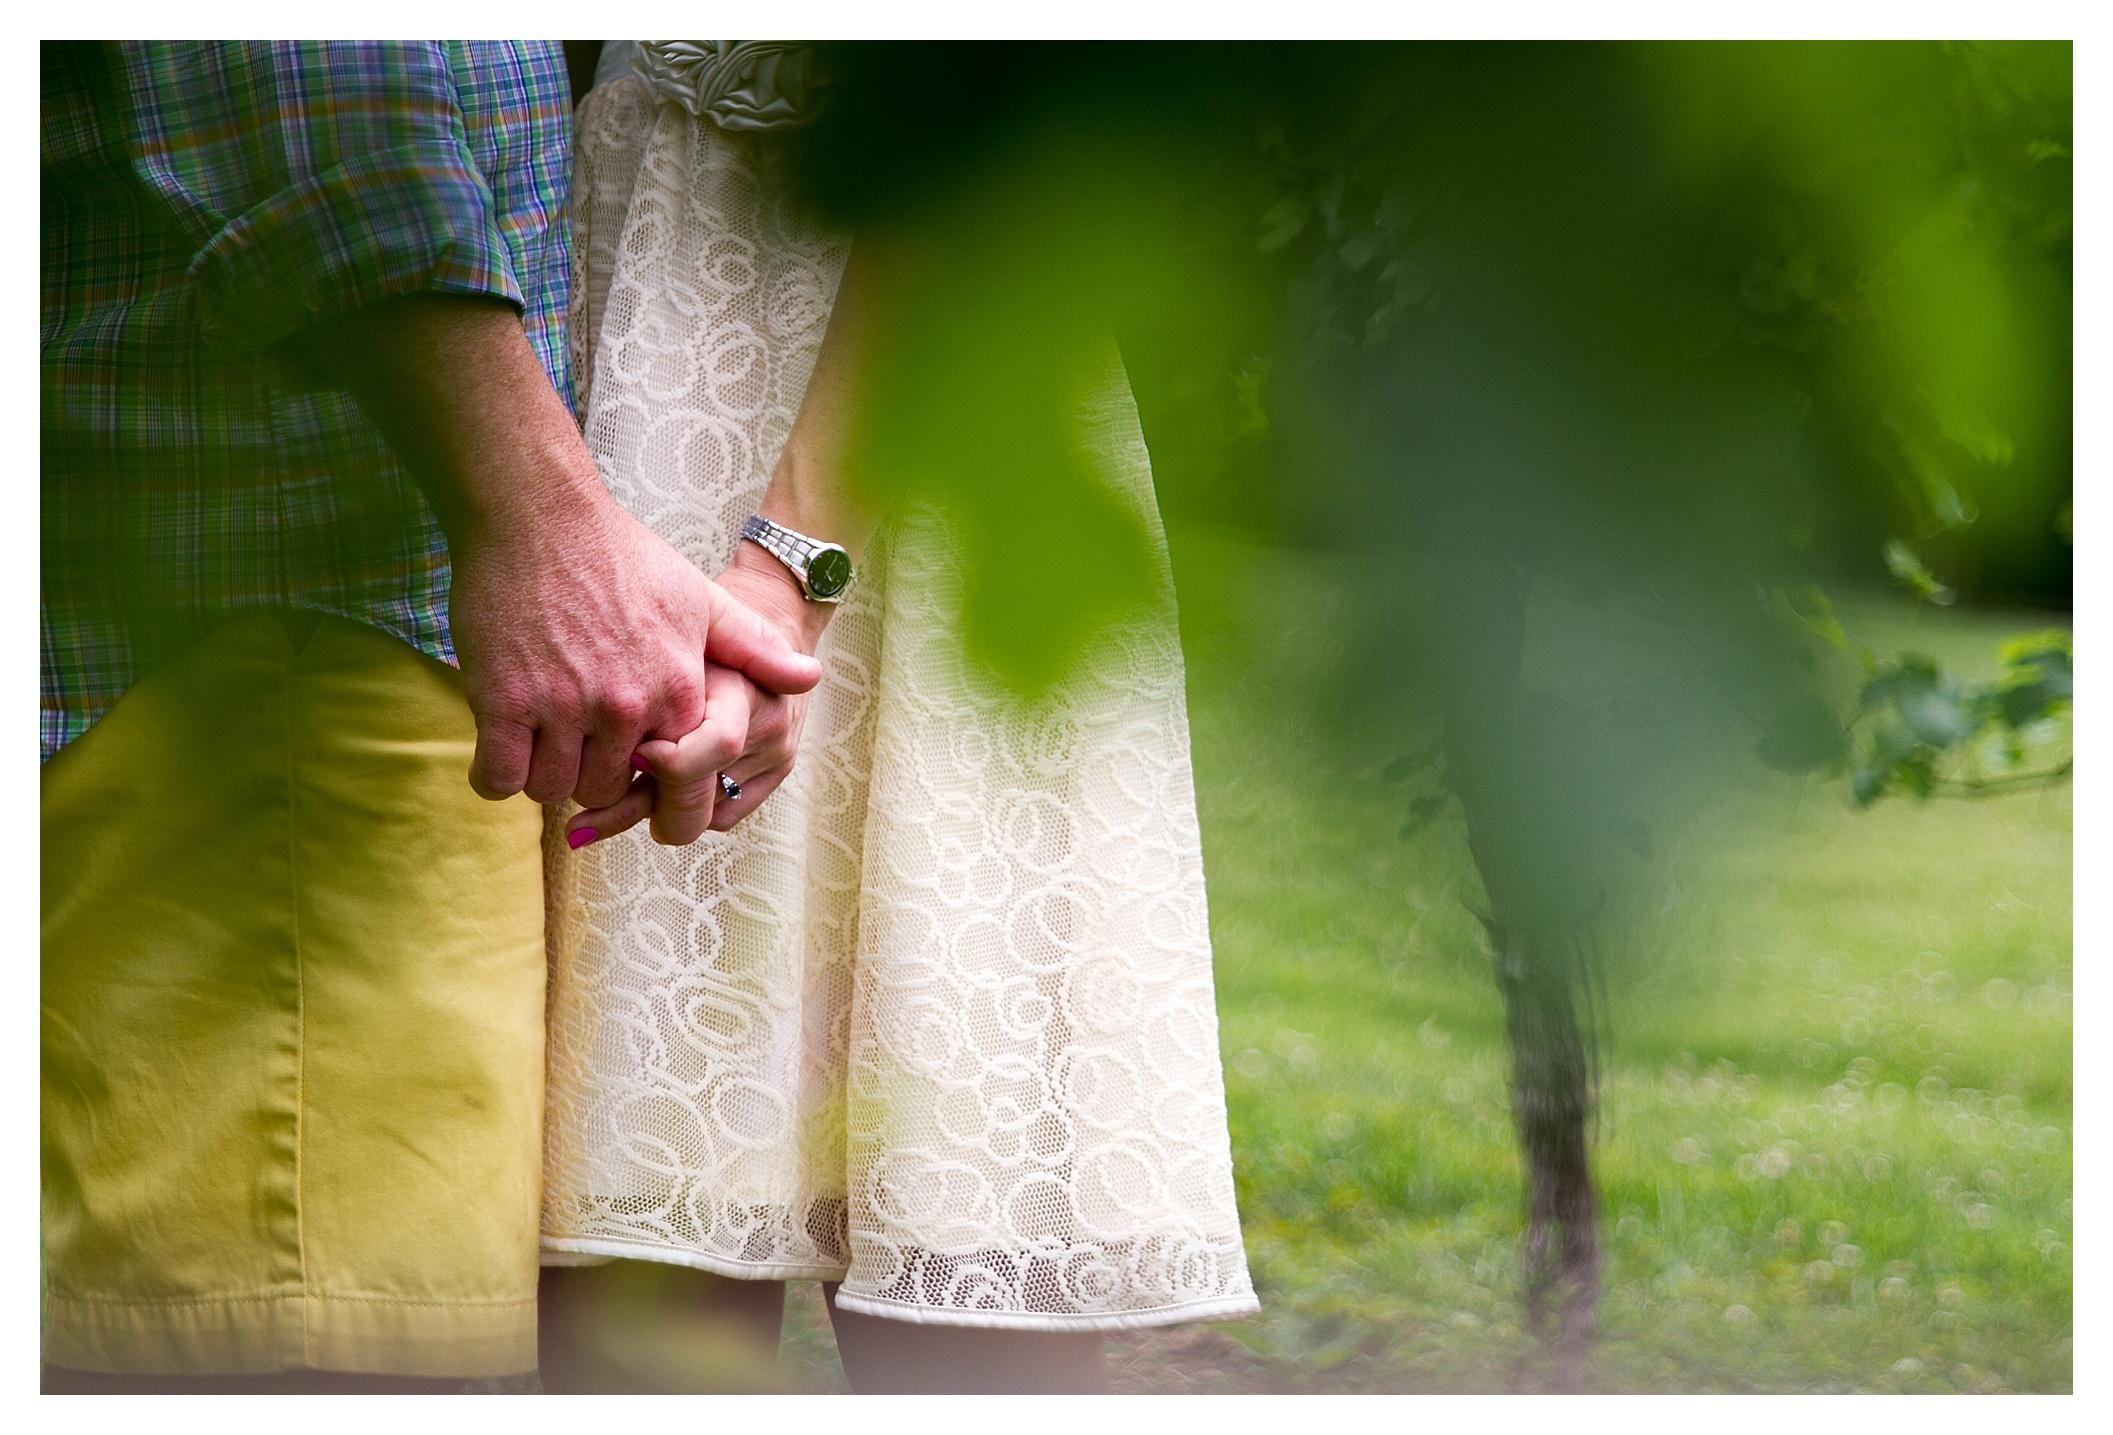 Wedding Photography Lynchburg Virginia // www.ashleyeiban.com // Ashley Eiban Photography